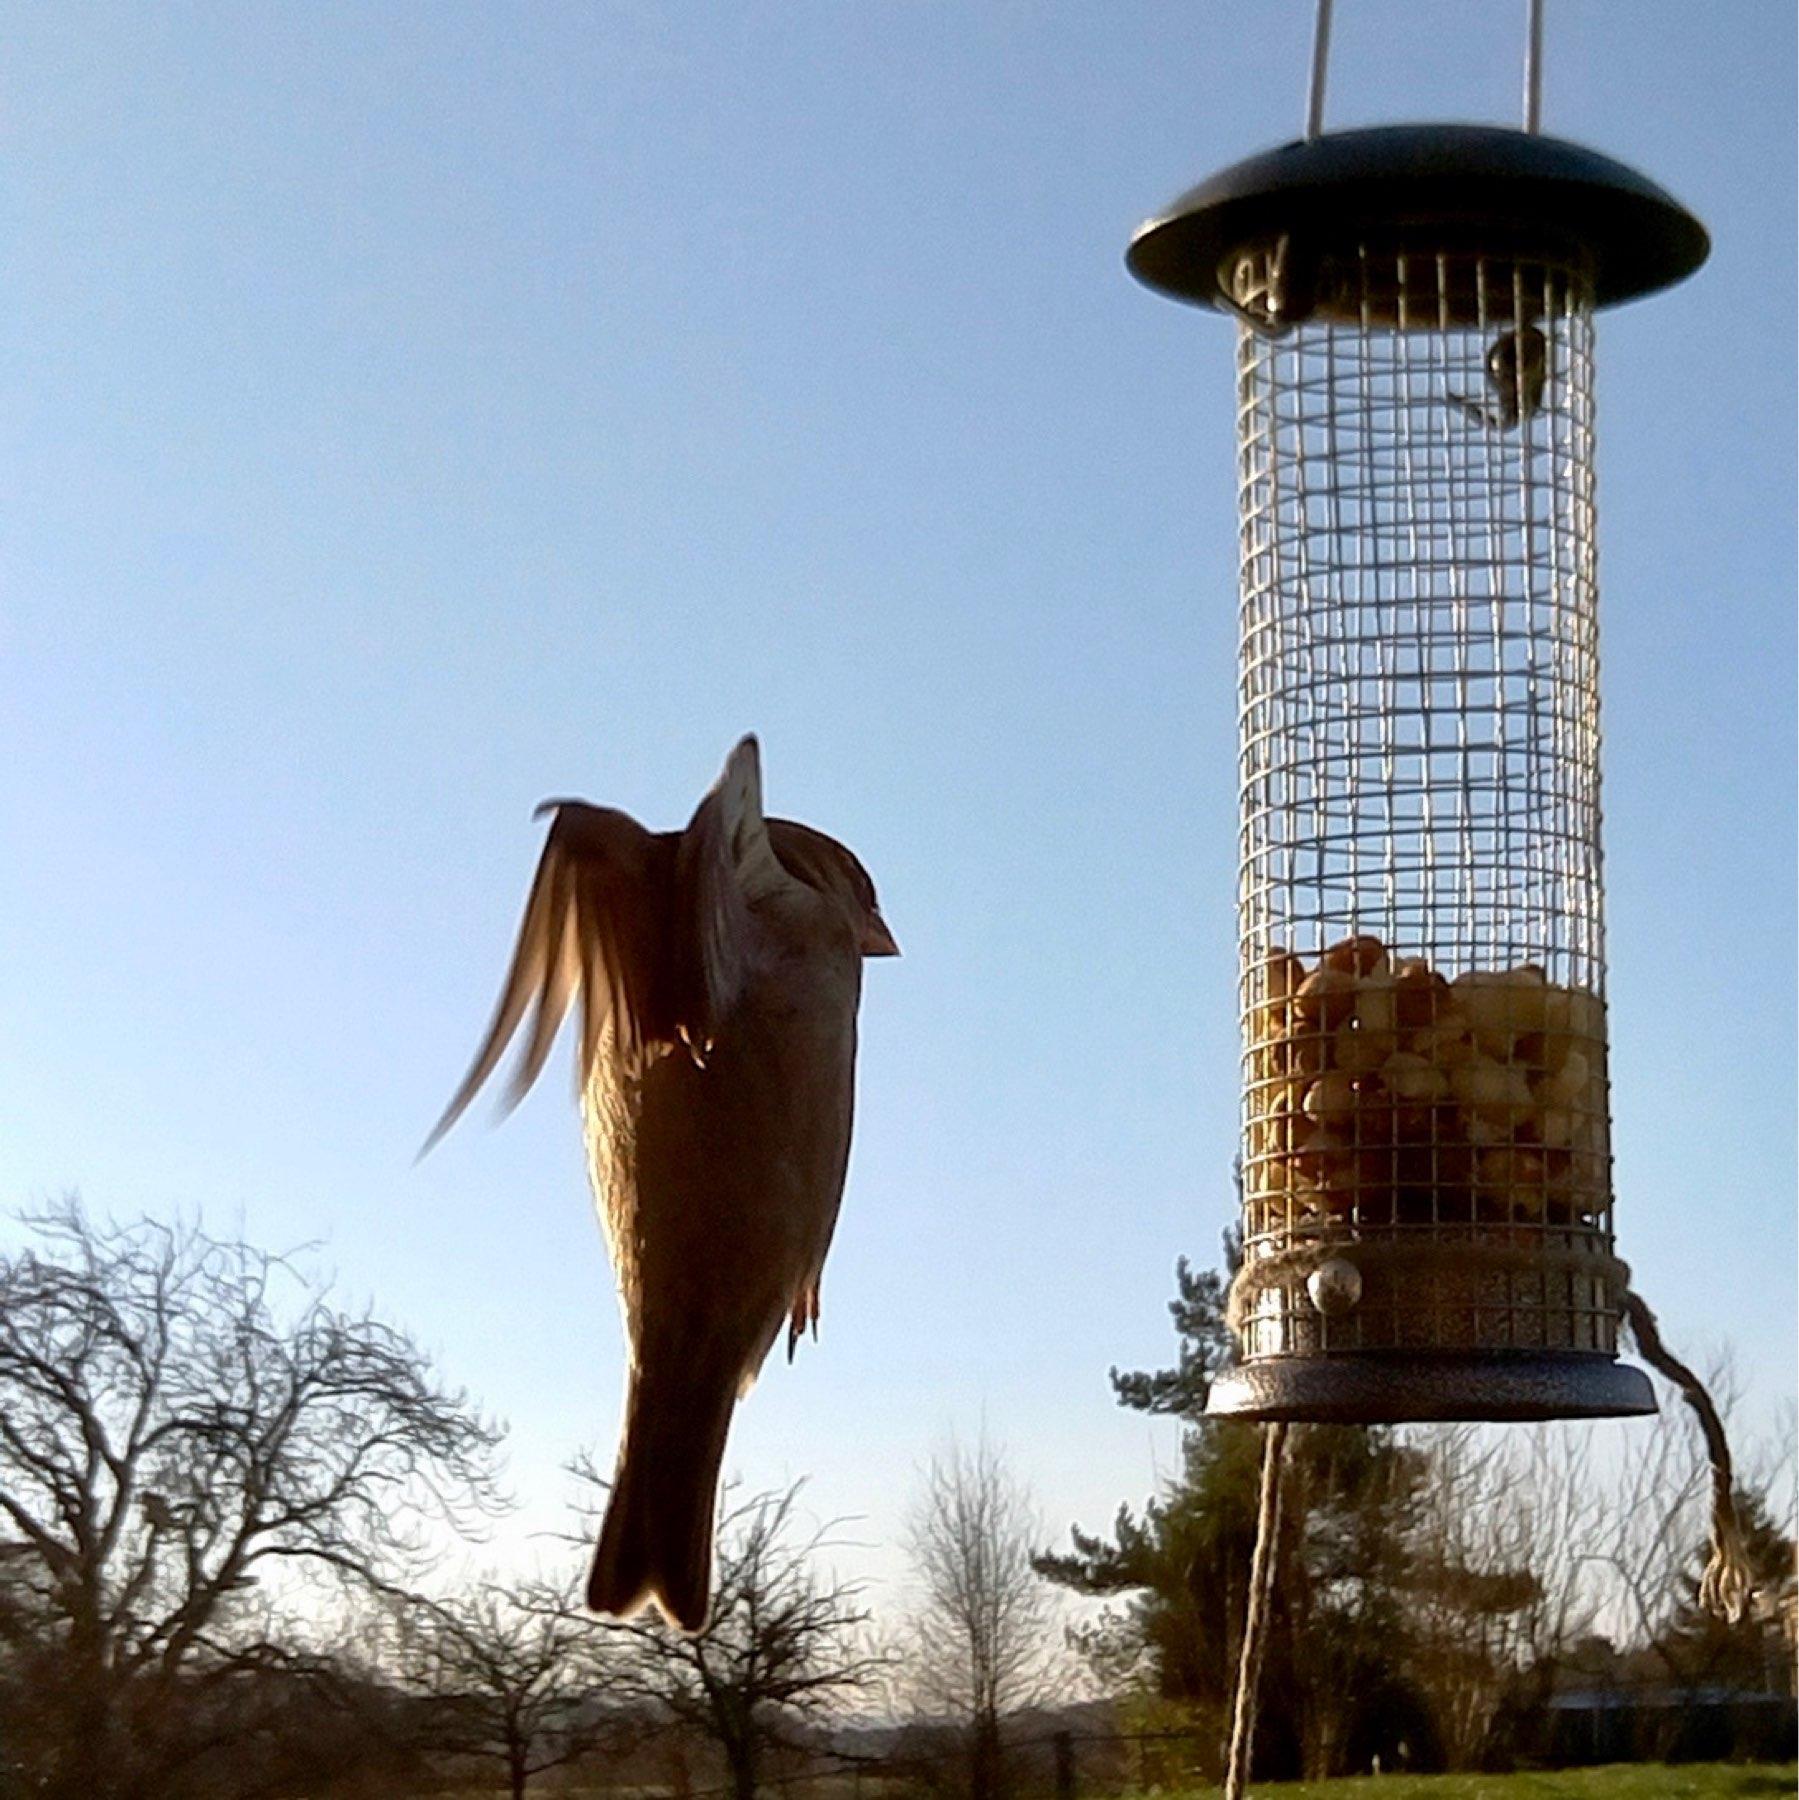 sparrow approaching bird feeder